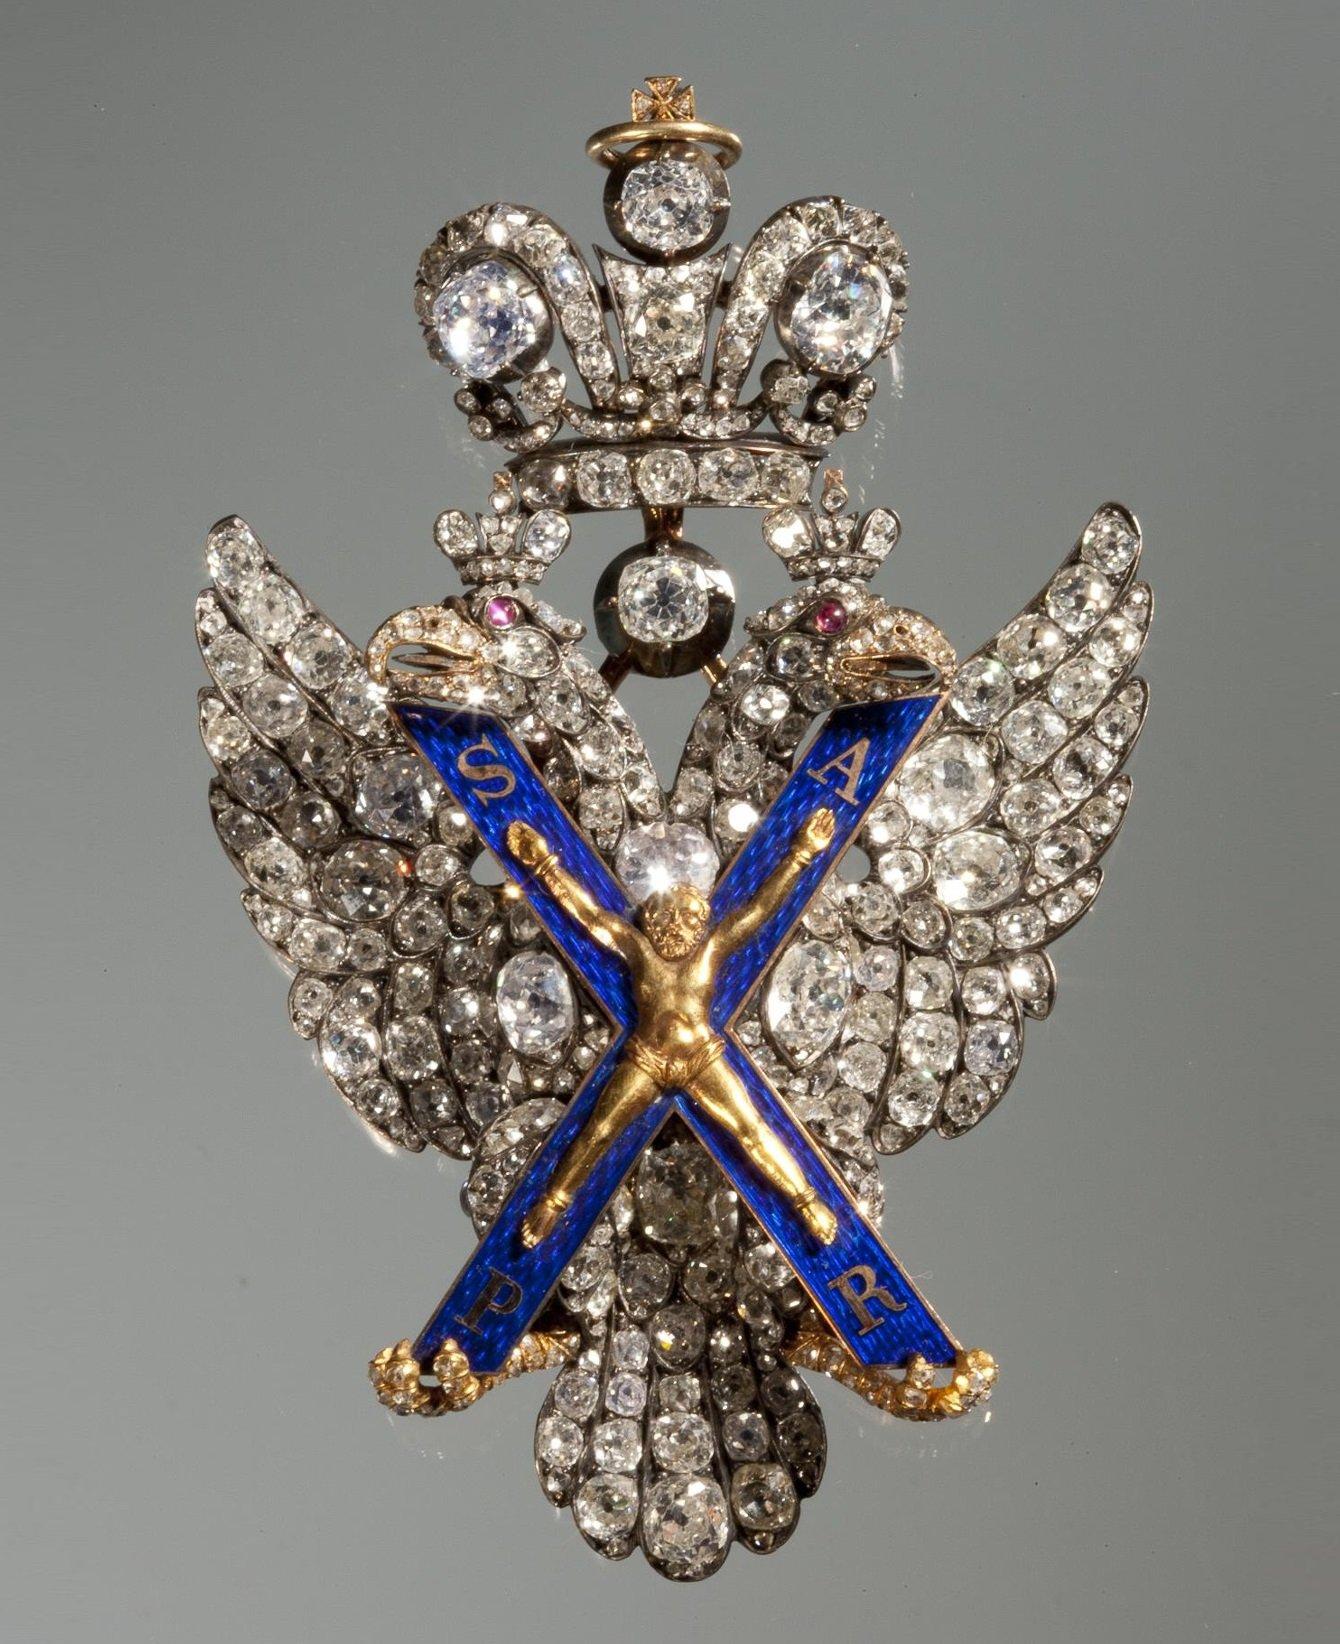 Орден Андрея Первозванного в Бриллиантовой кладовой Эрмитажа